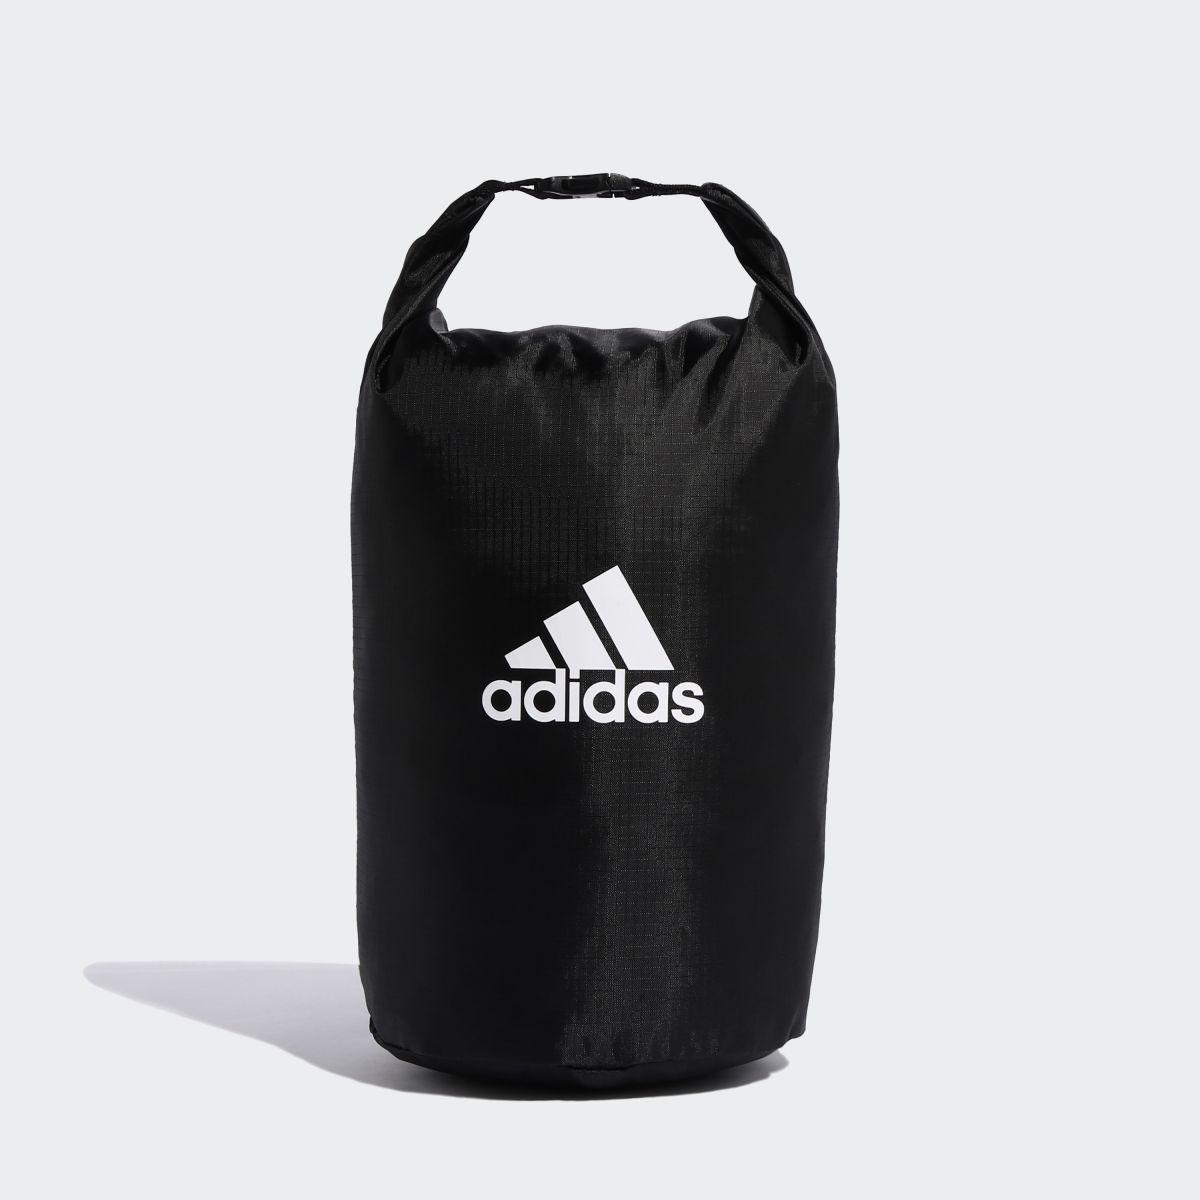 【公式】アディダス adidas FS マルチサック [FS MULTI SACK] メンズ サッカー アクセサリー バッグ ED1642